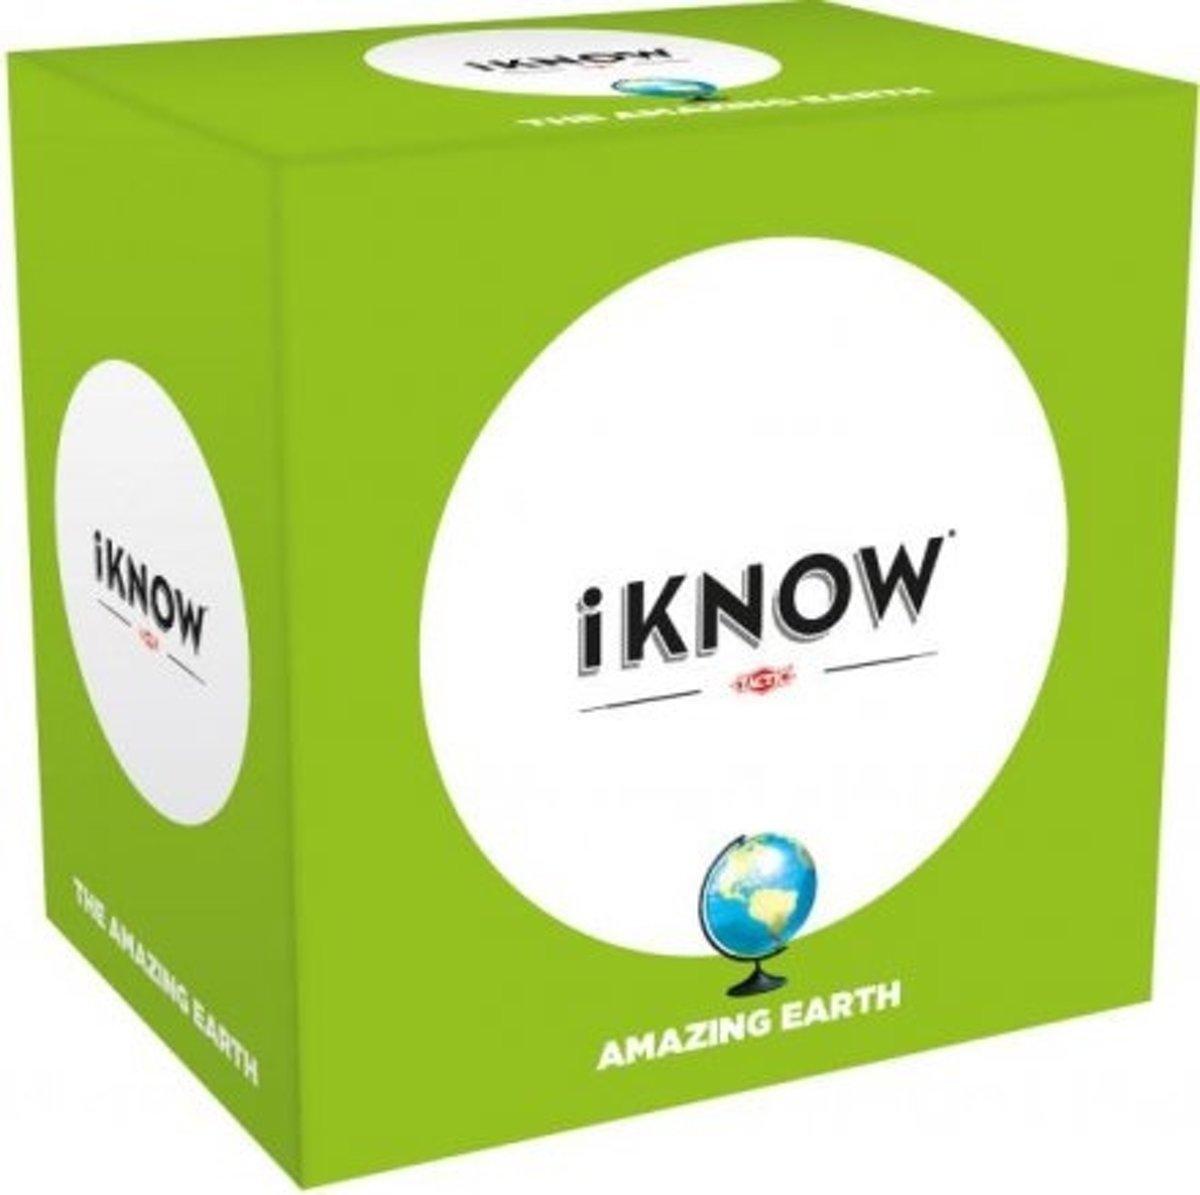 iknow mini: de Aarde - Gezelschapsspel